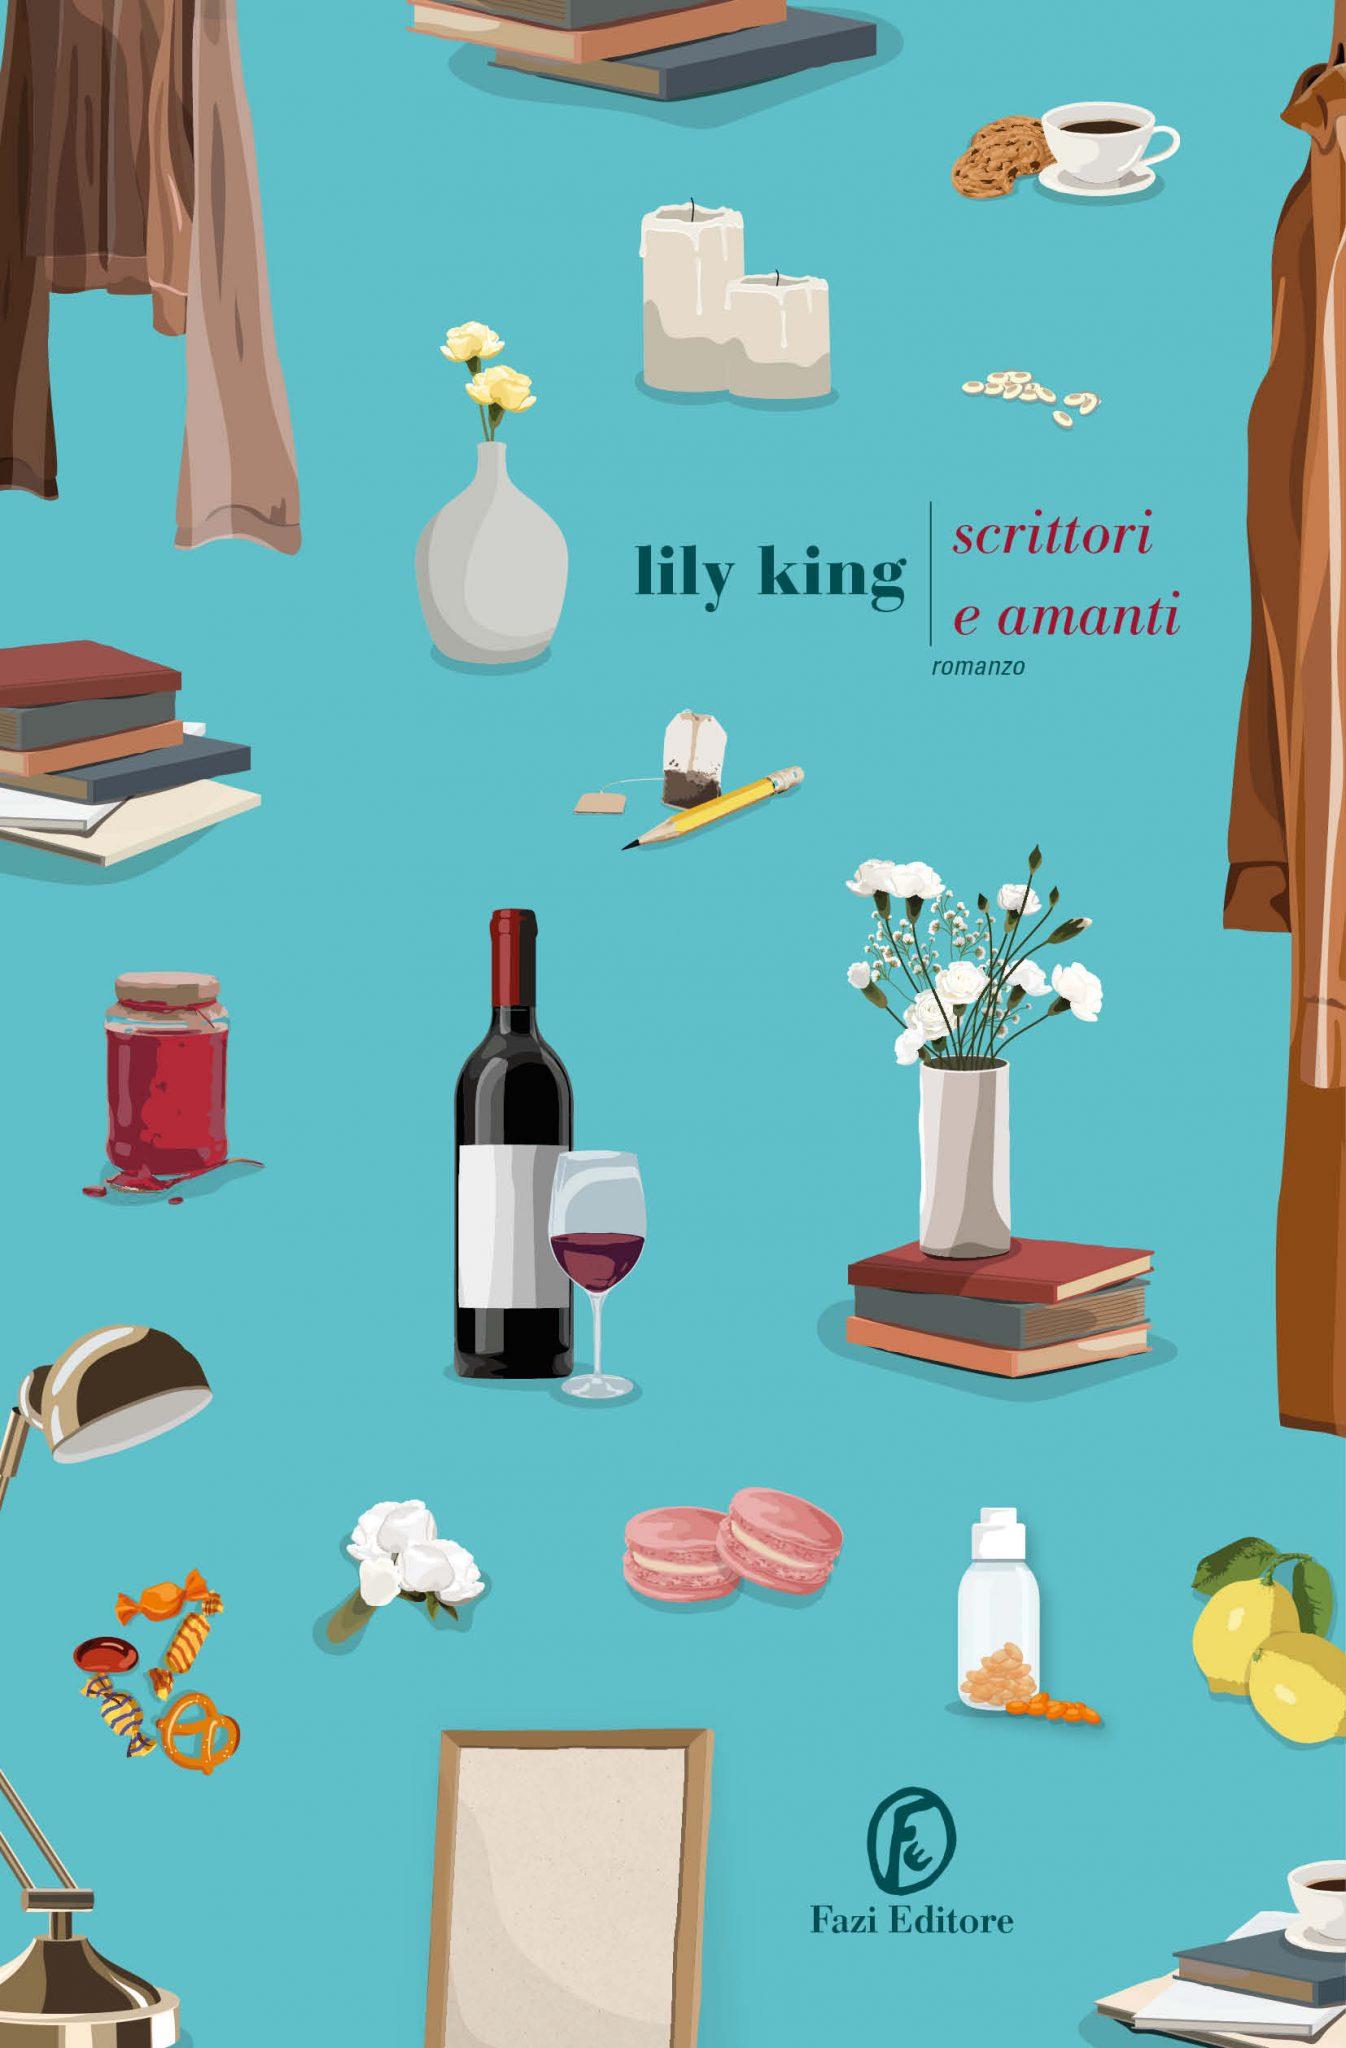 Scrittori e amanti - Lily King libri da leggere